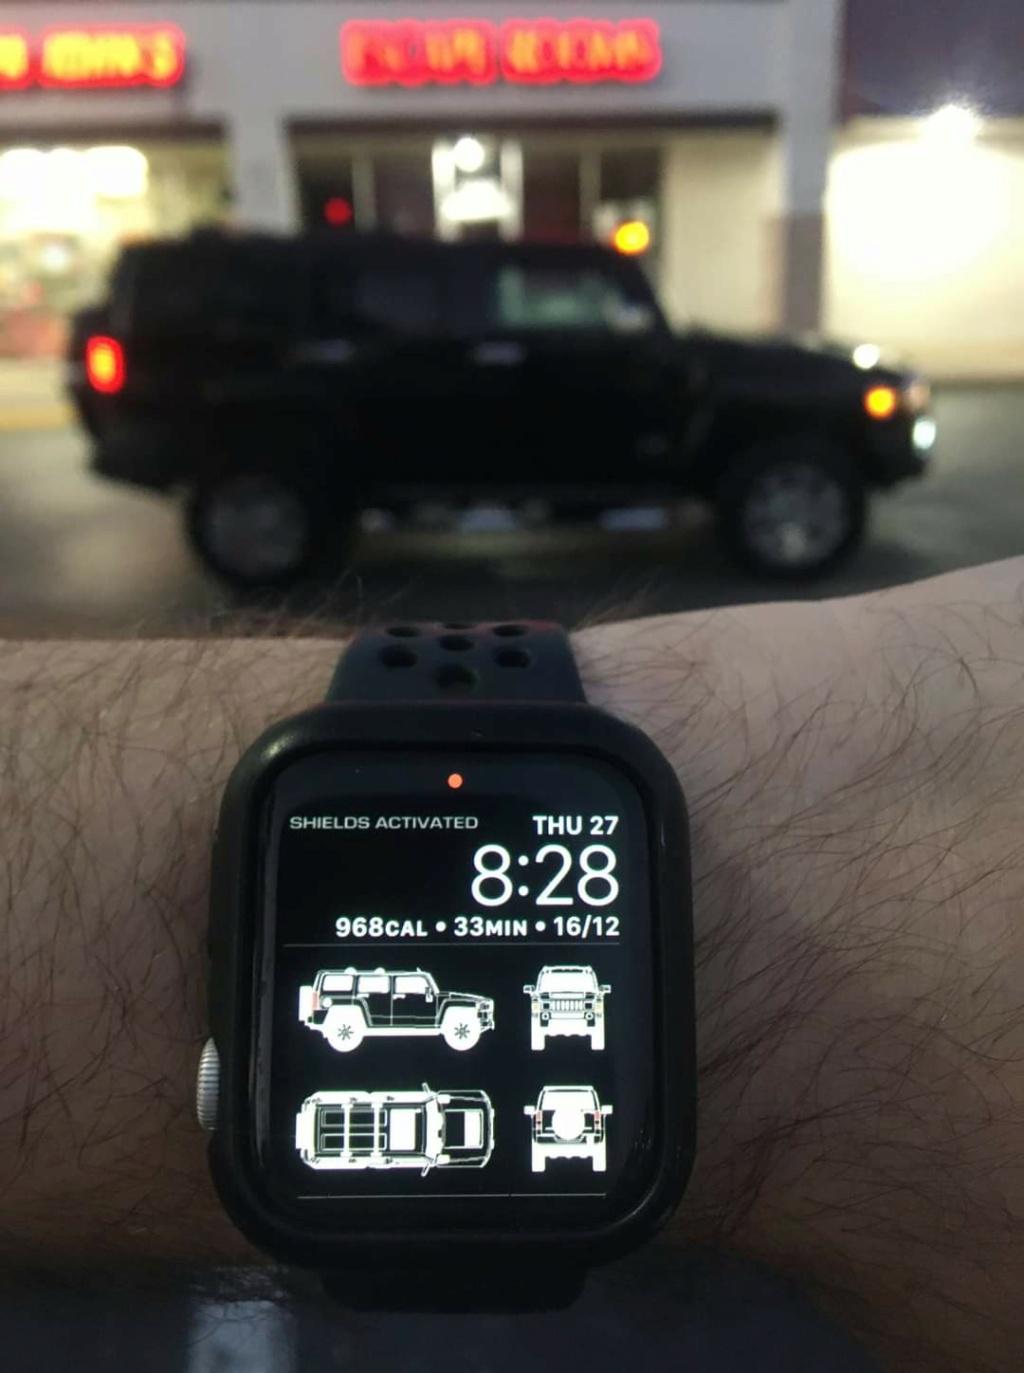 Le Hummer & la technologie du parfait geek ; On en parle ? Fb_img79